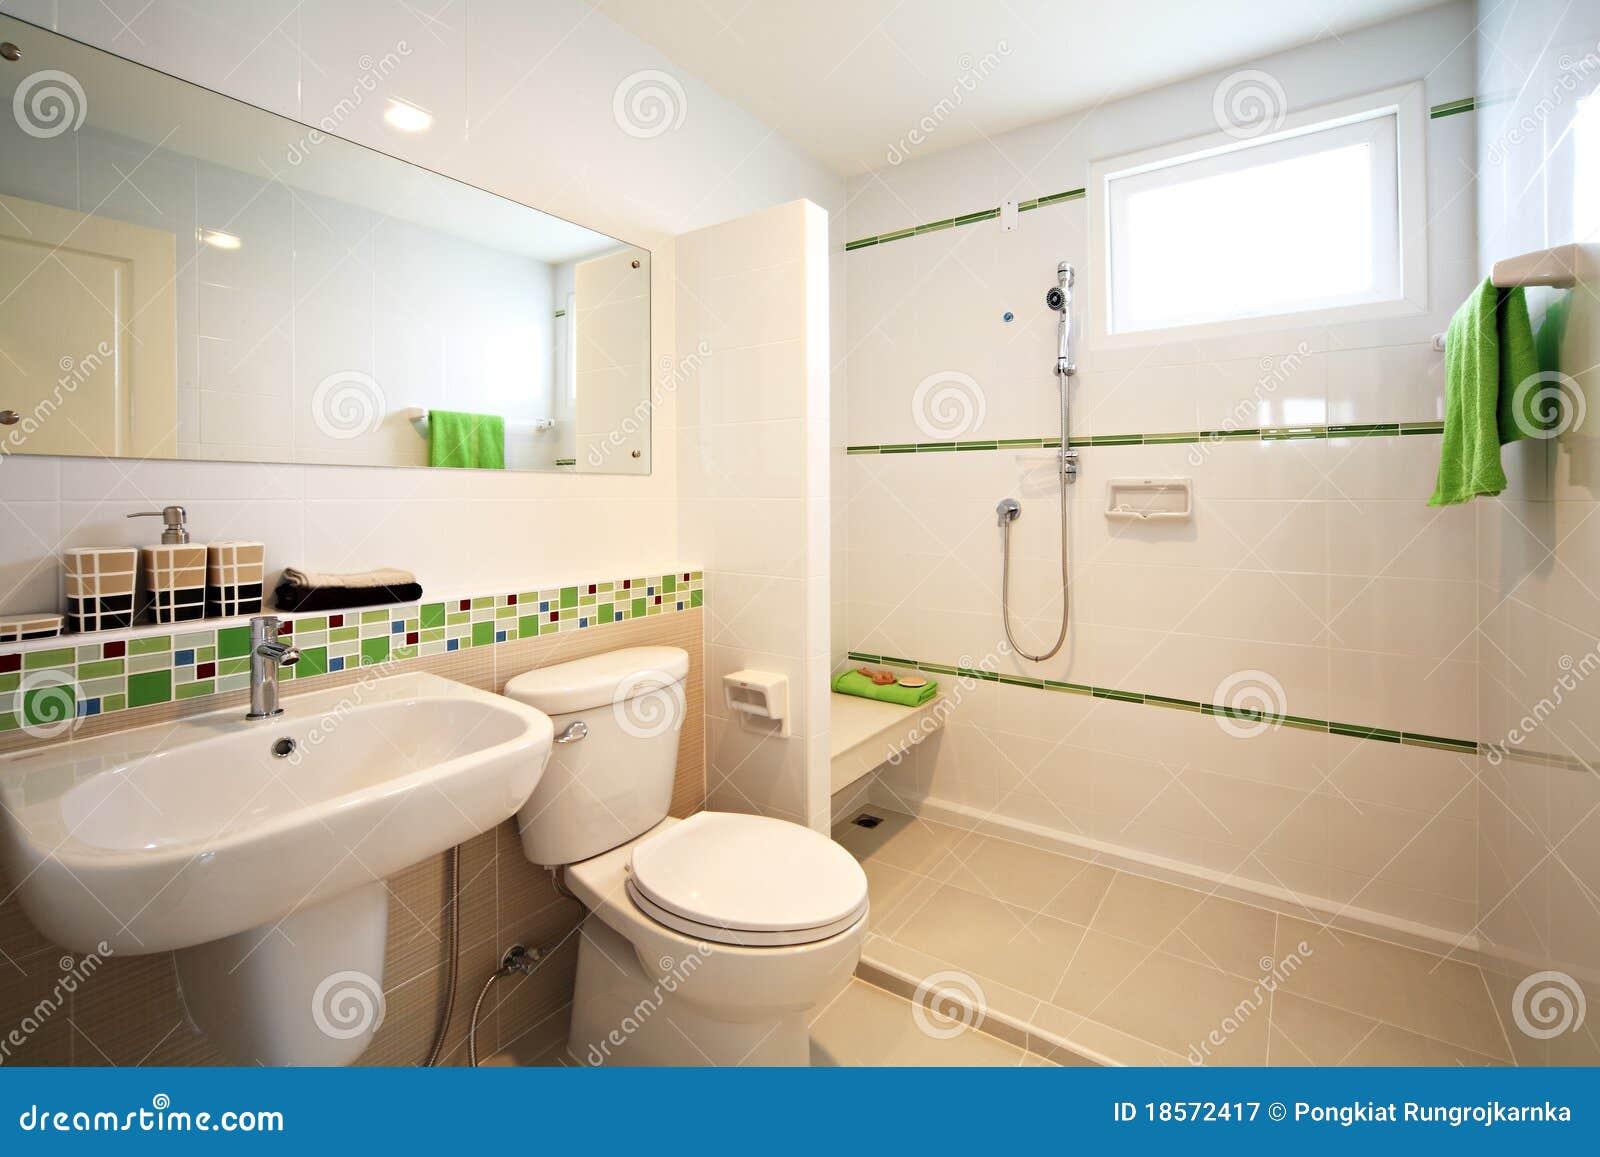 Stanza da bagno bianca moderna immagine stock immagine for Stanza da bagno